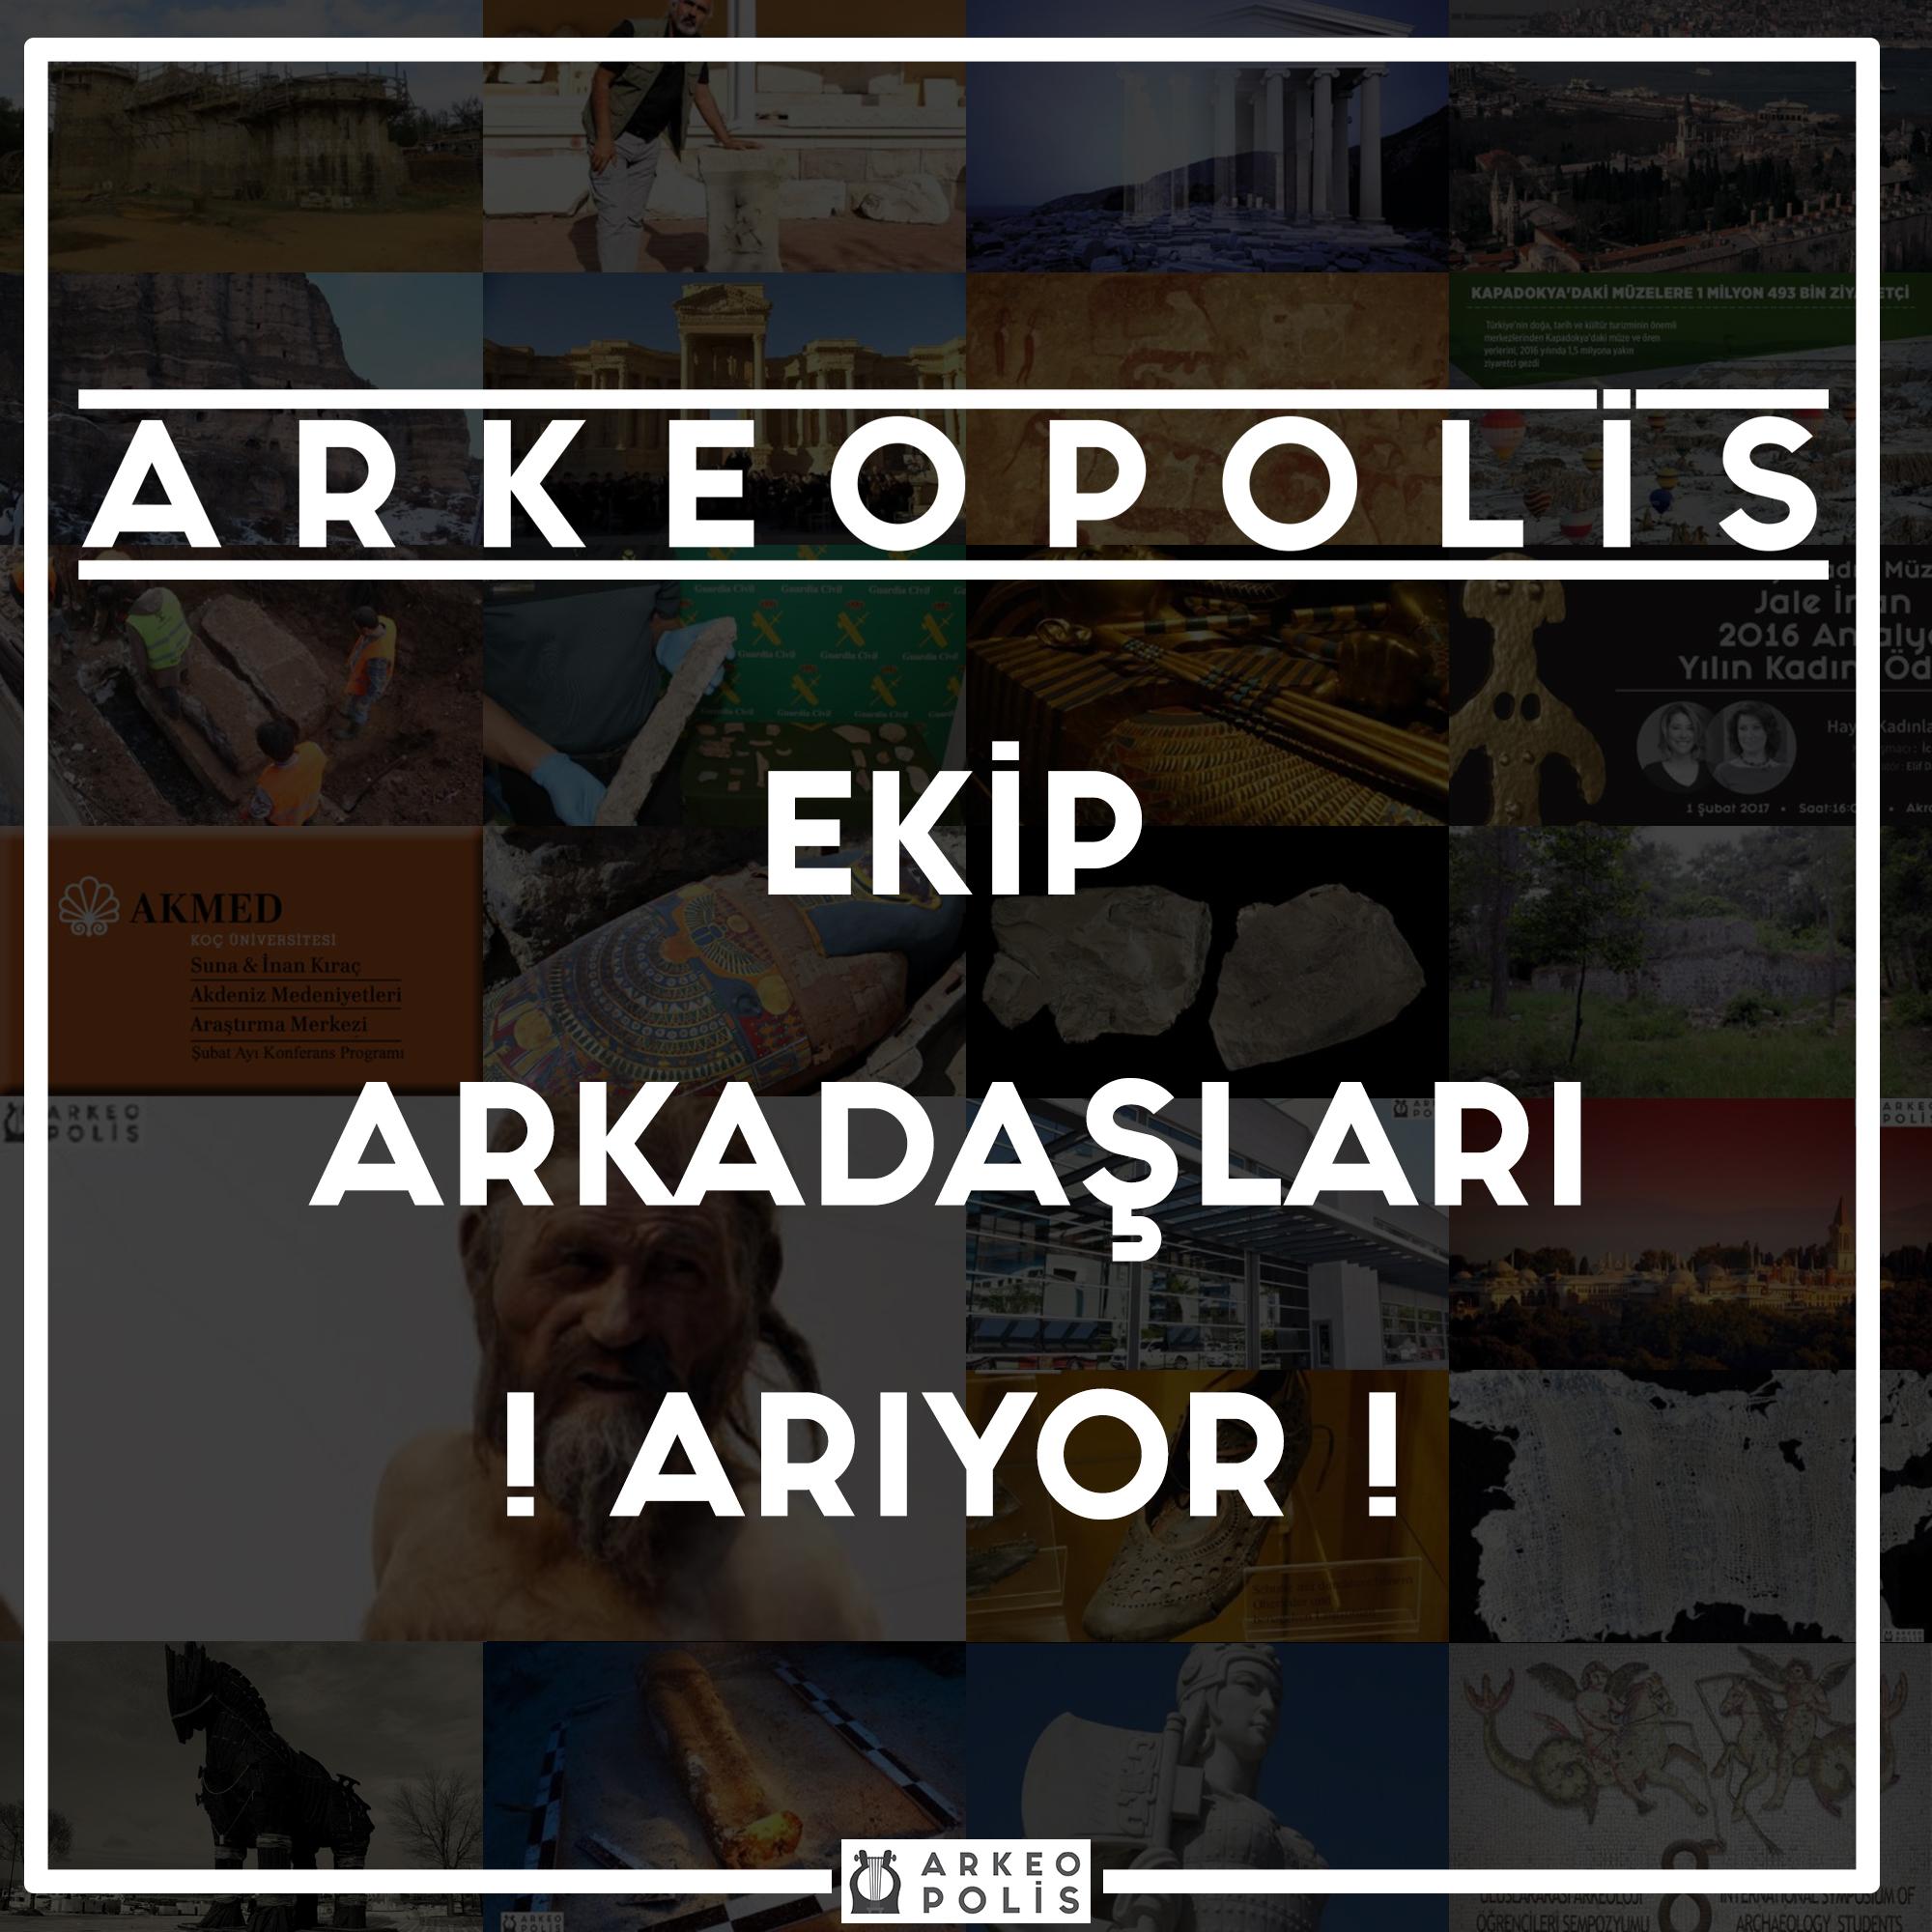 Arkeopolis' Ekip Arkadaşları Arıyor!